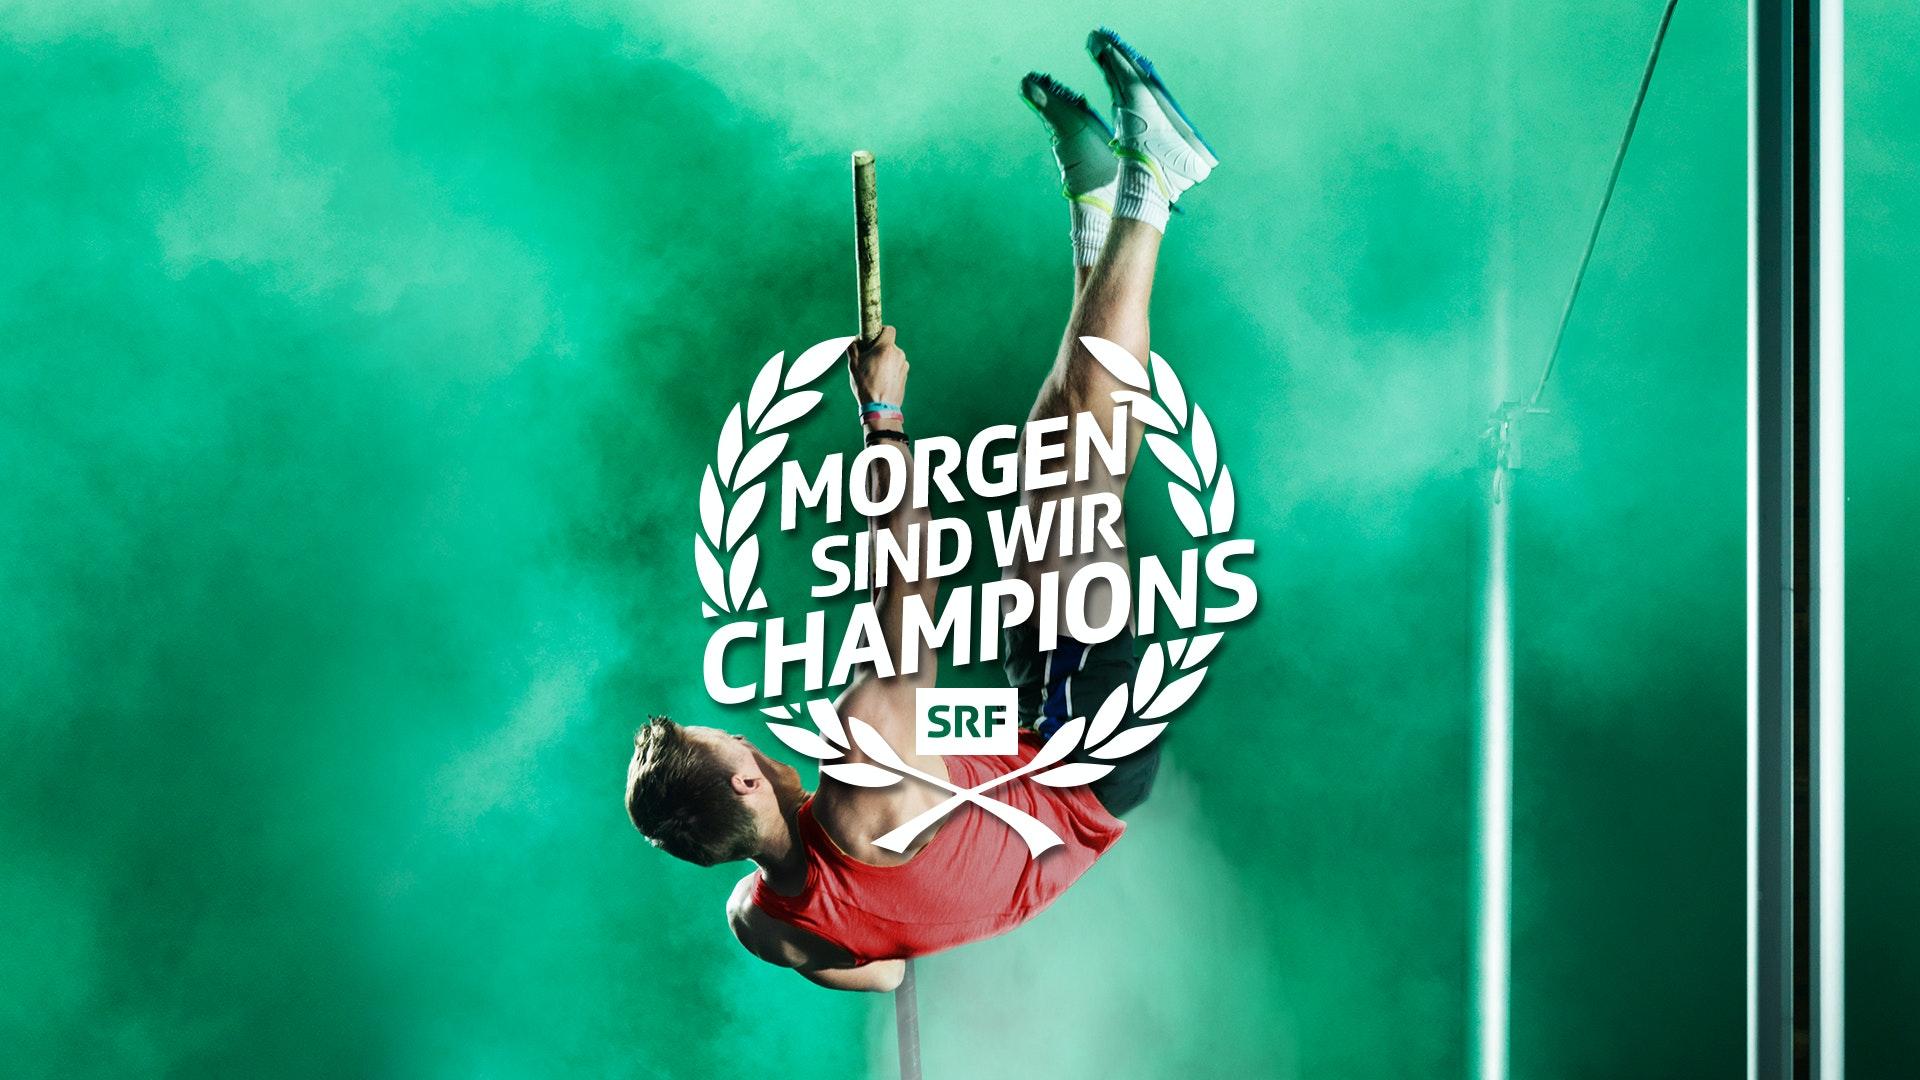 Morgen sind wir Champions Leichtathletik Mann Keyvisual MASTER